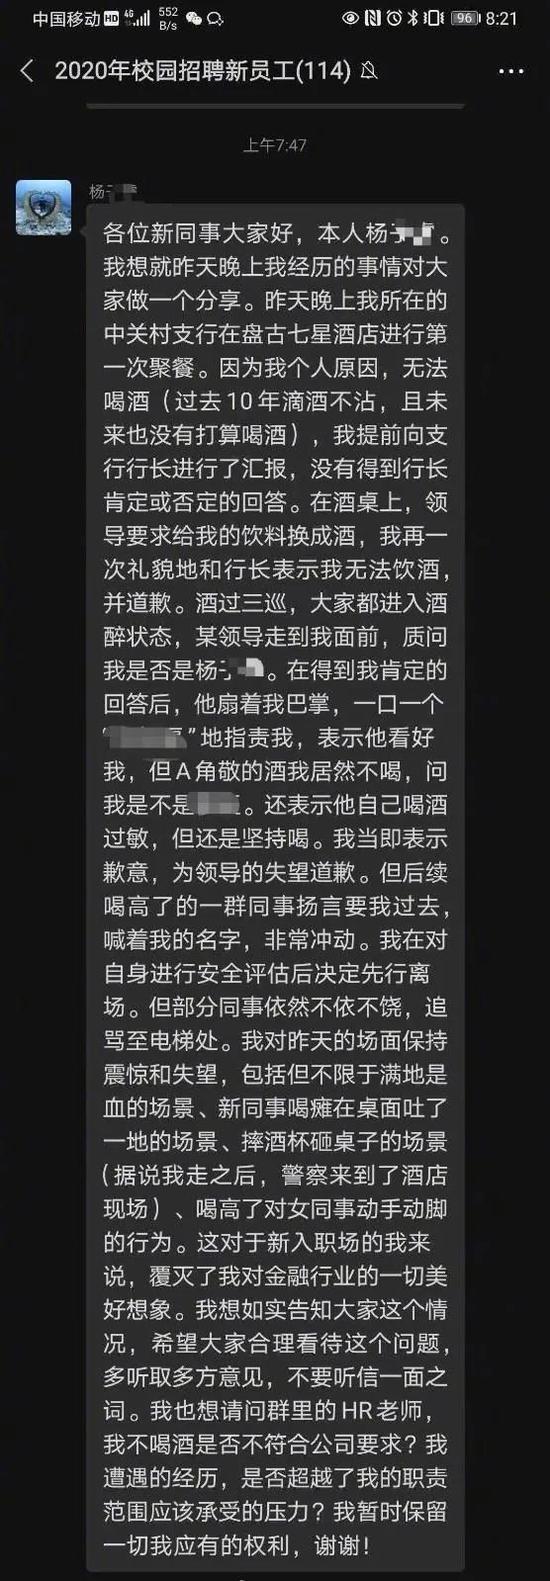 人民日报评厦门国际银行劝酒事件:敬酒不喝 谁该喝下这杯罚酒